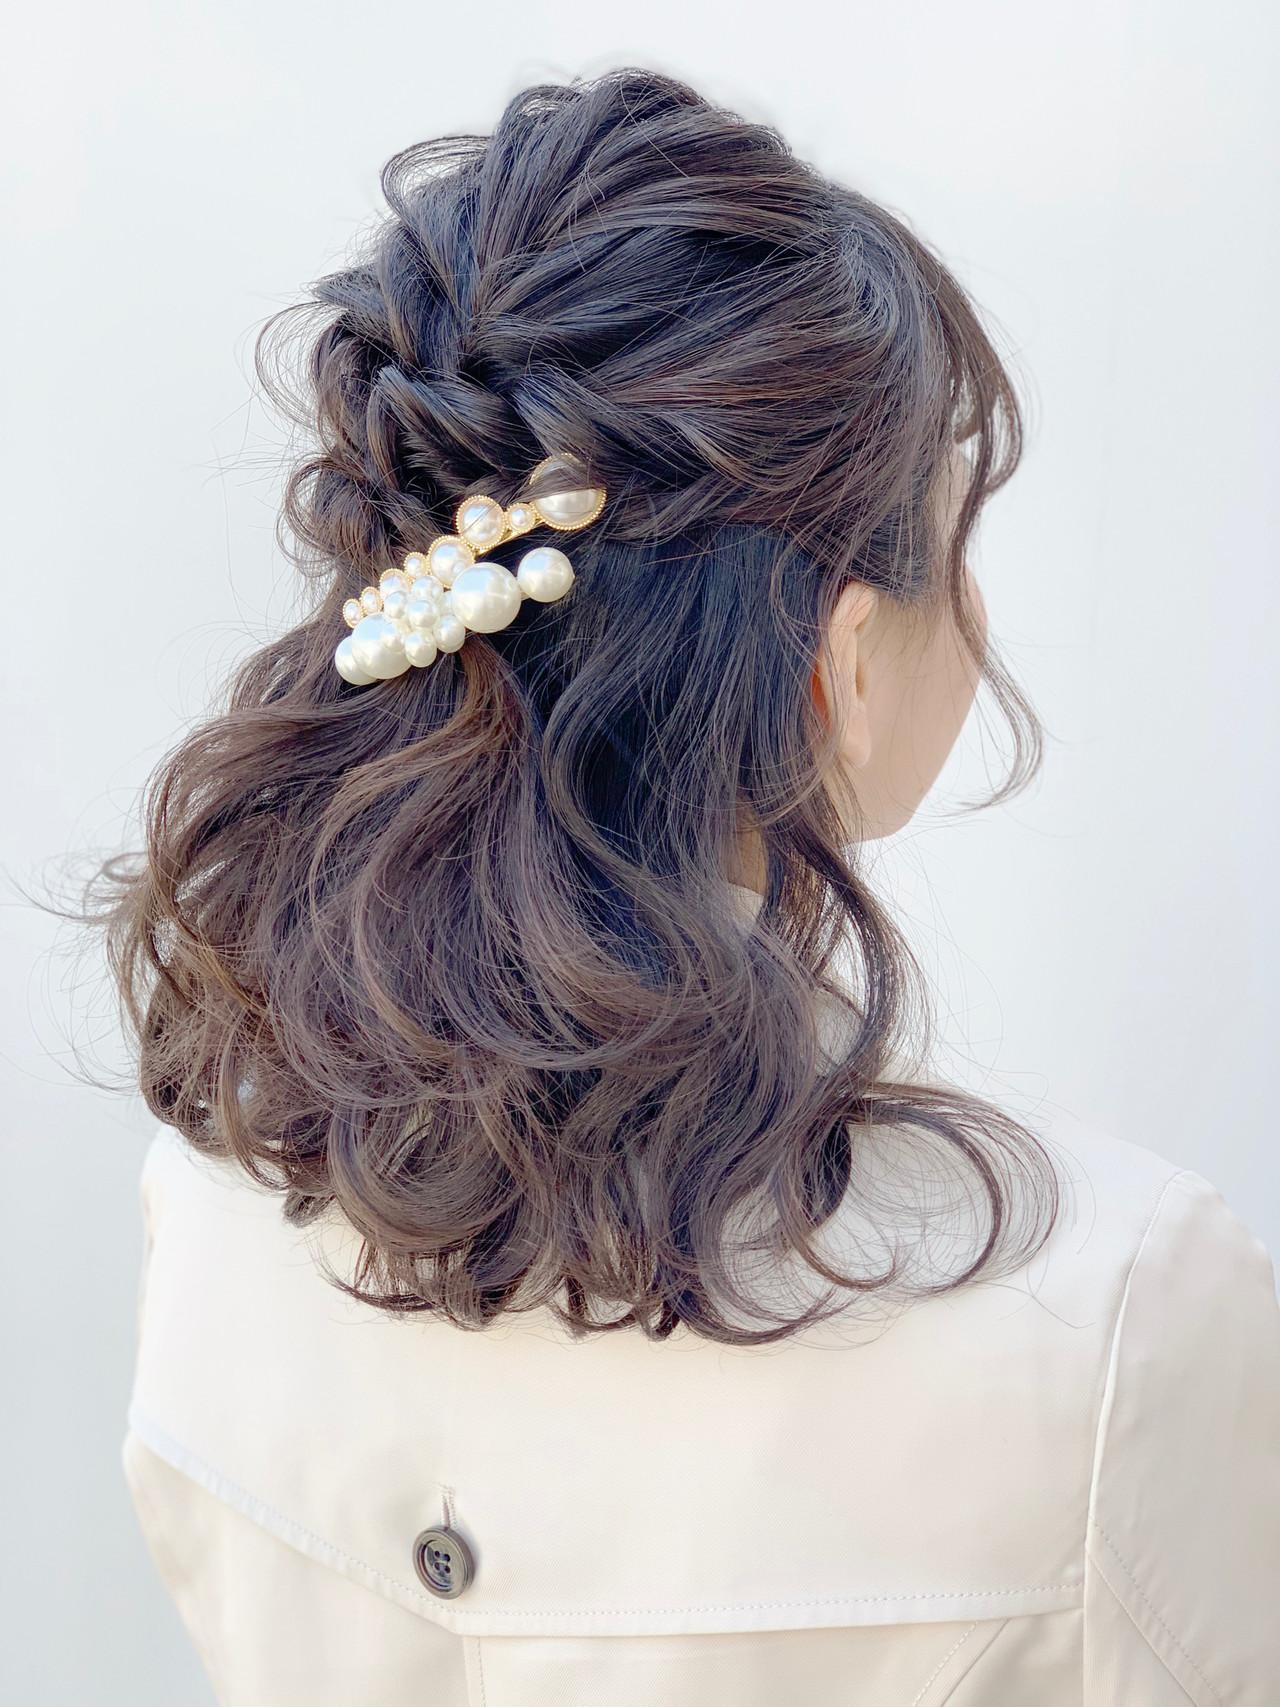 結婚式ヘアアレンジ 編み込み ミディアム 結婚式髪型 ヘアスタイルや髪型の写真・画像